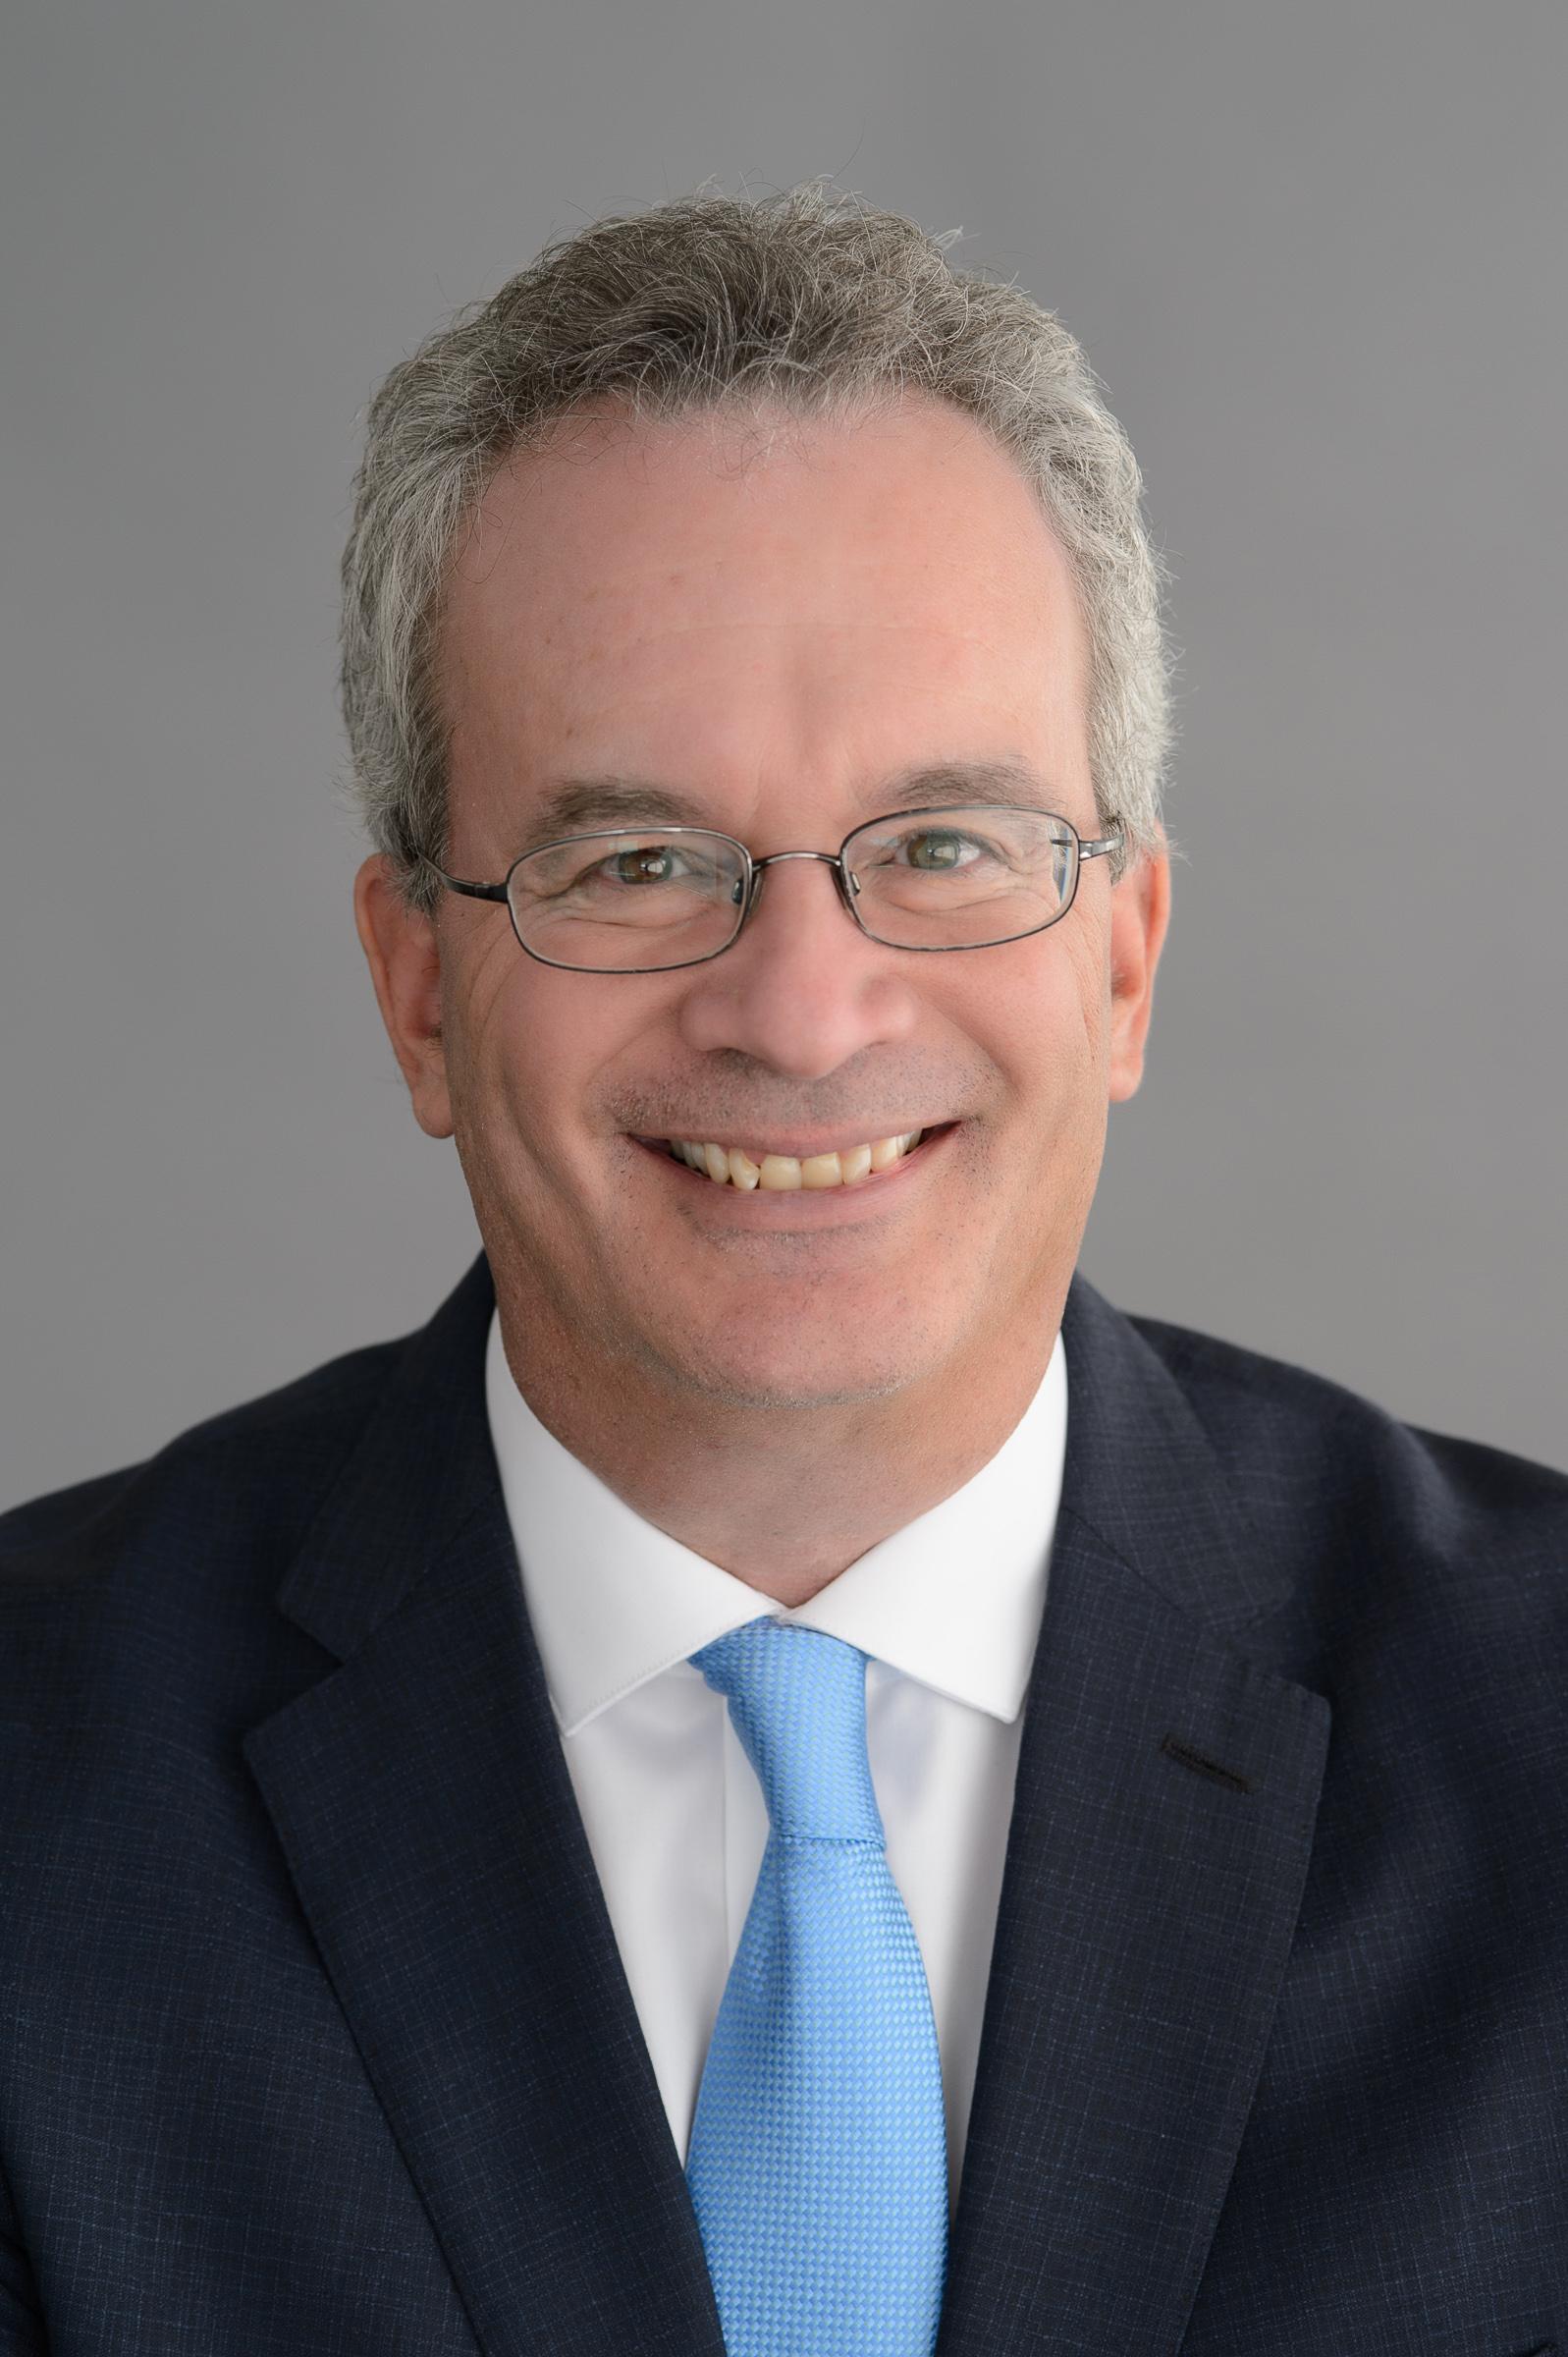 James Goldgeier